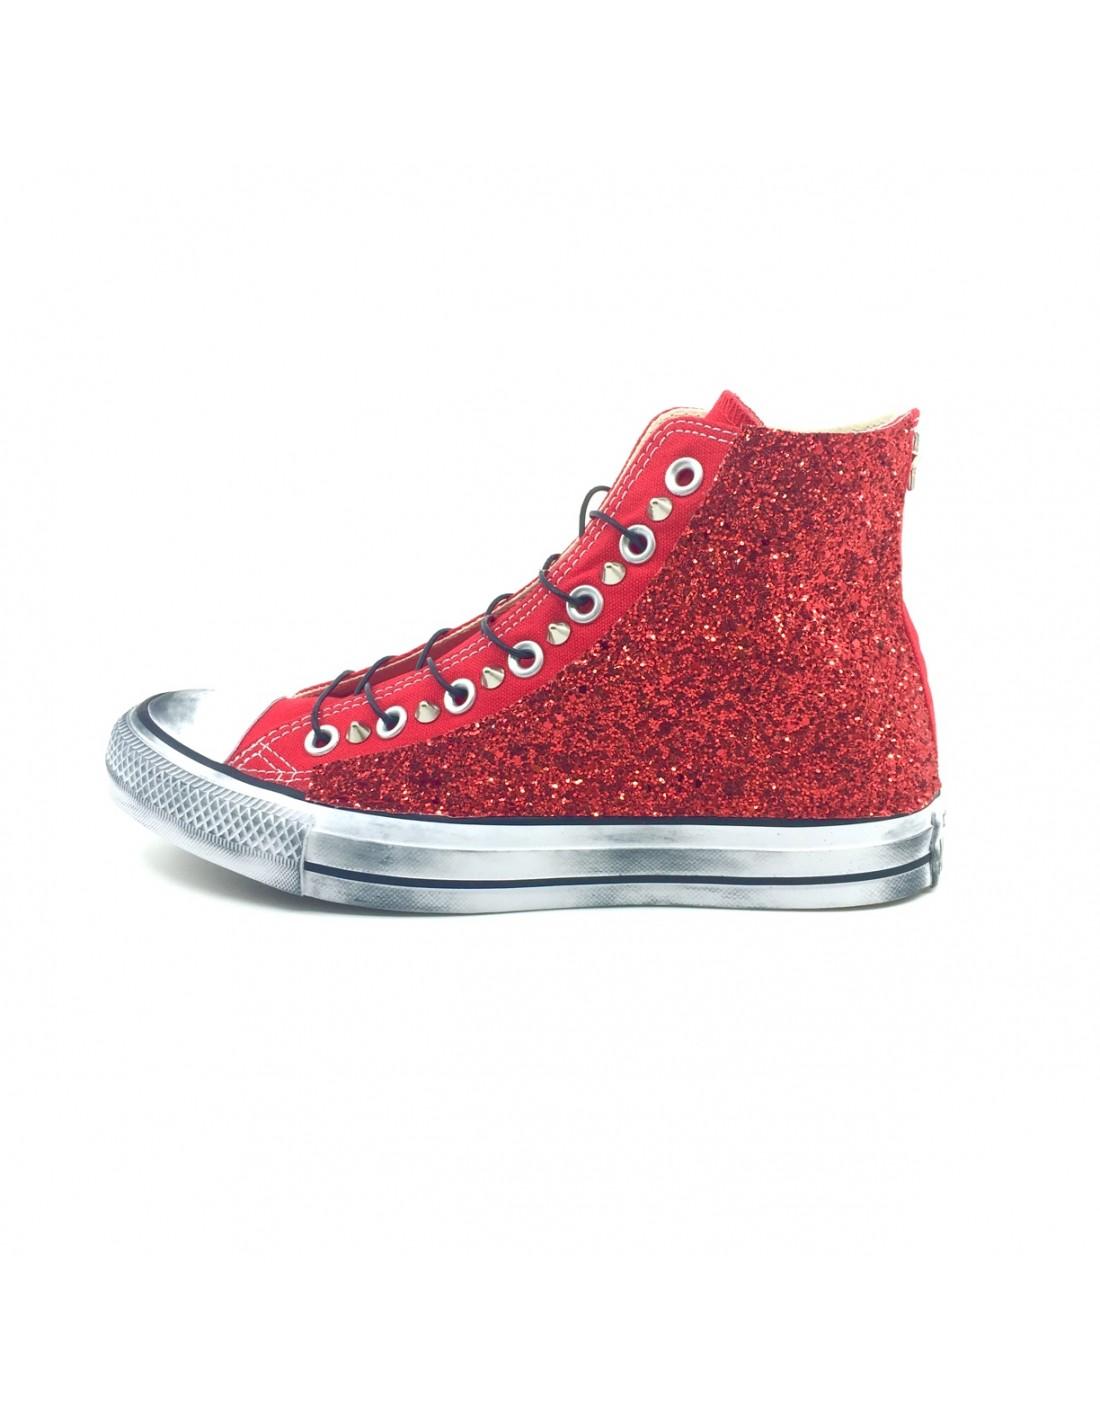 Converse AllStar Rossa Glitter